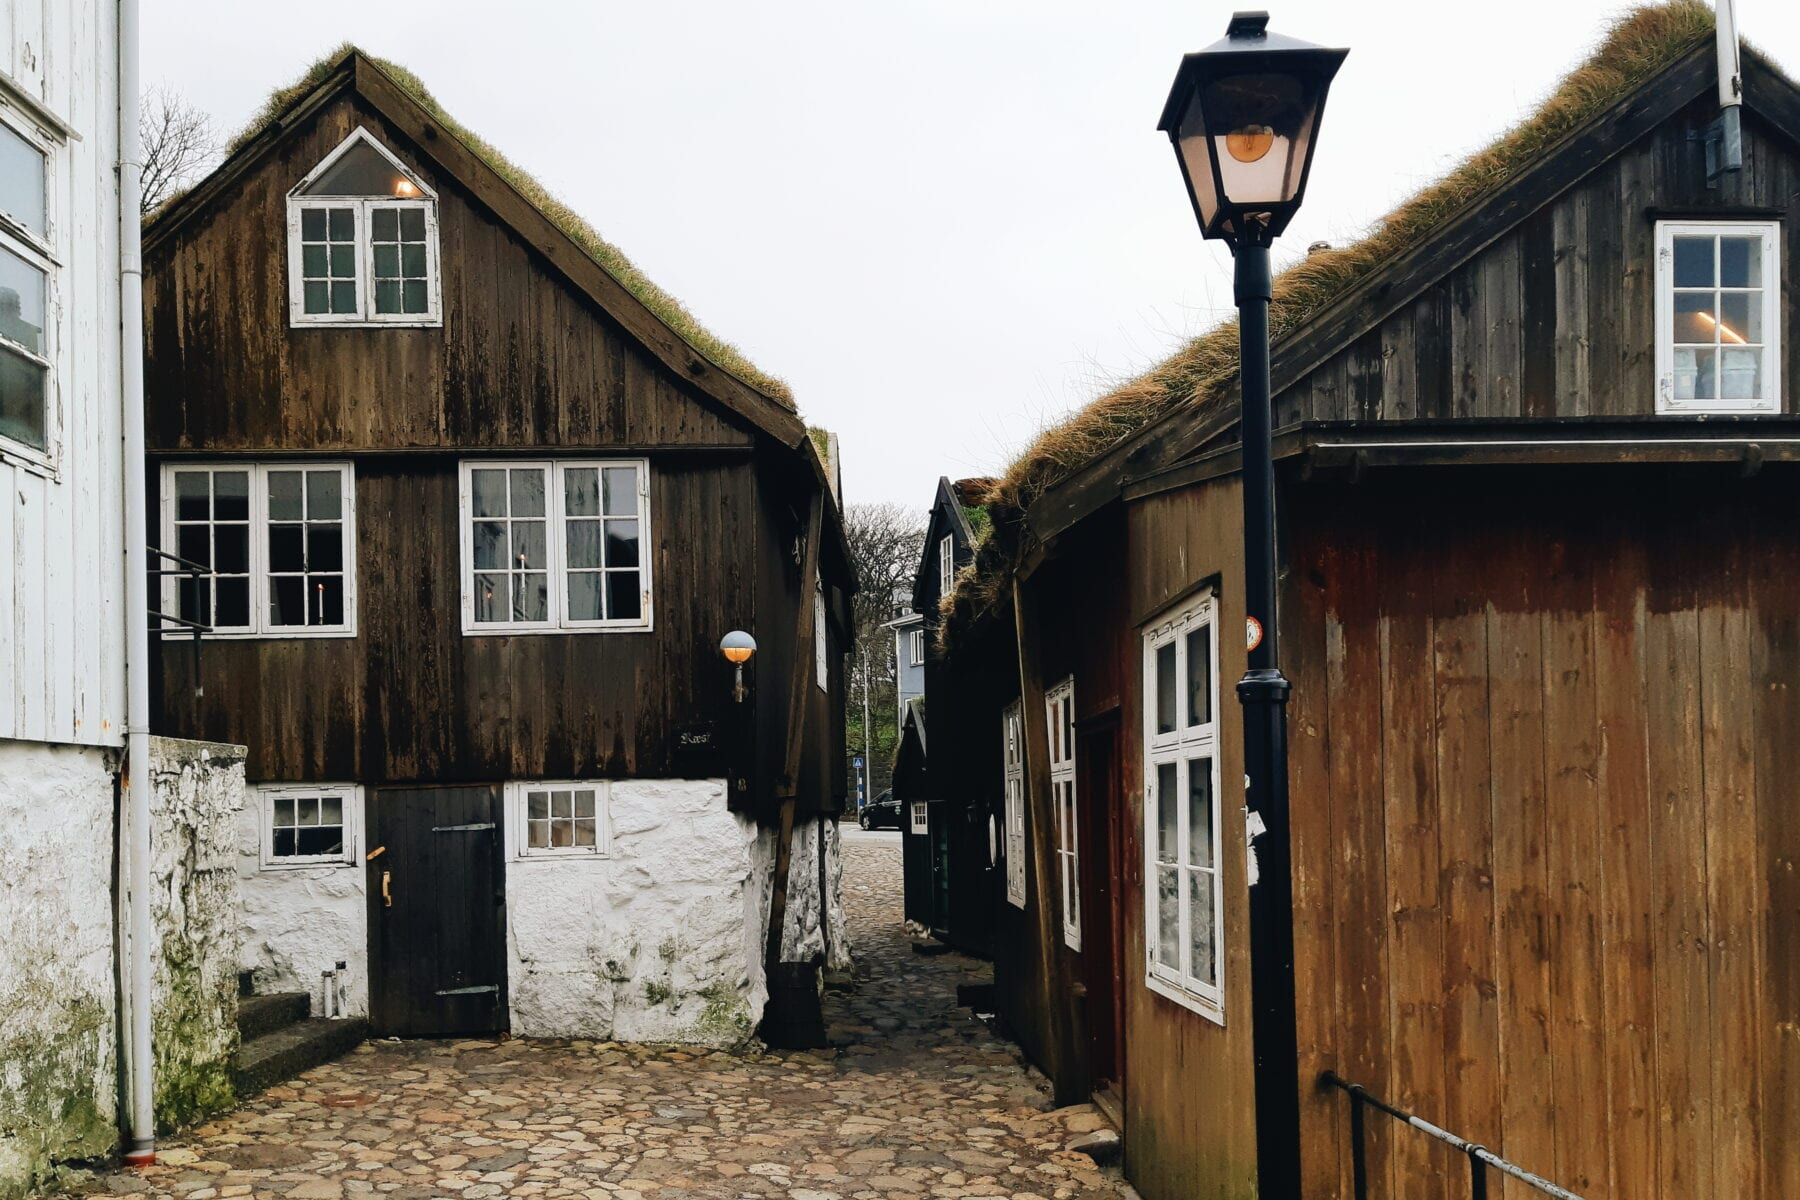 Centro histórico de Torshavn, Ilhas Faroe